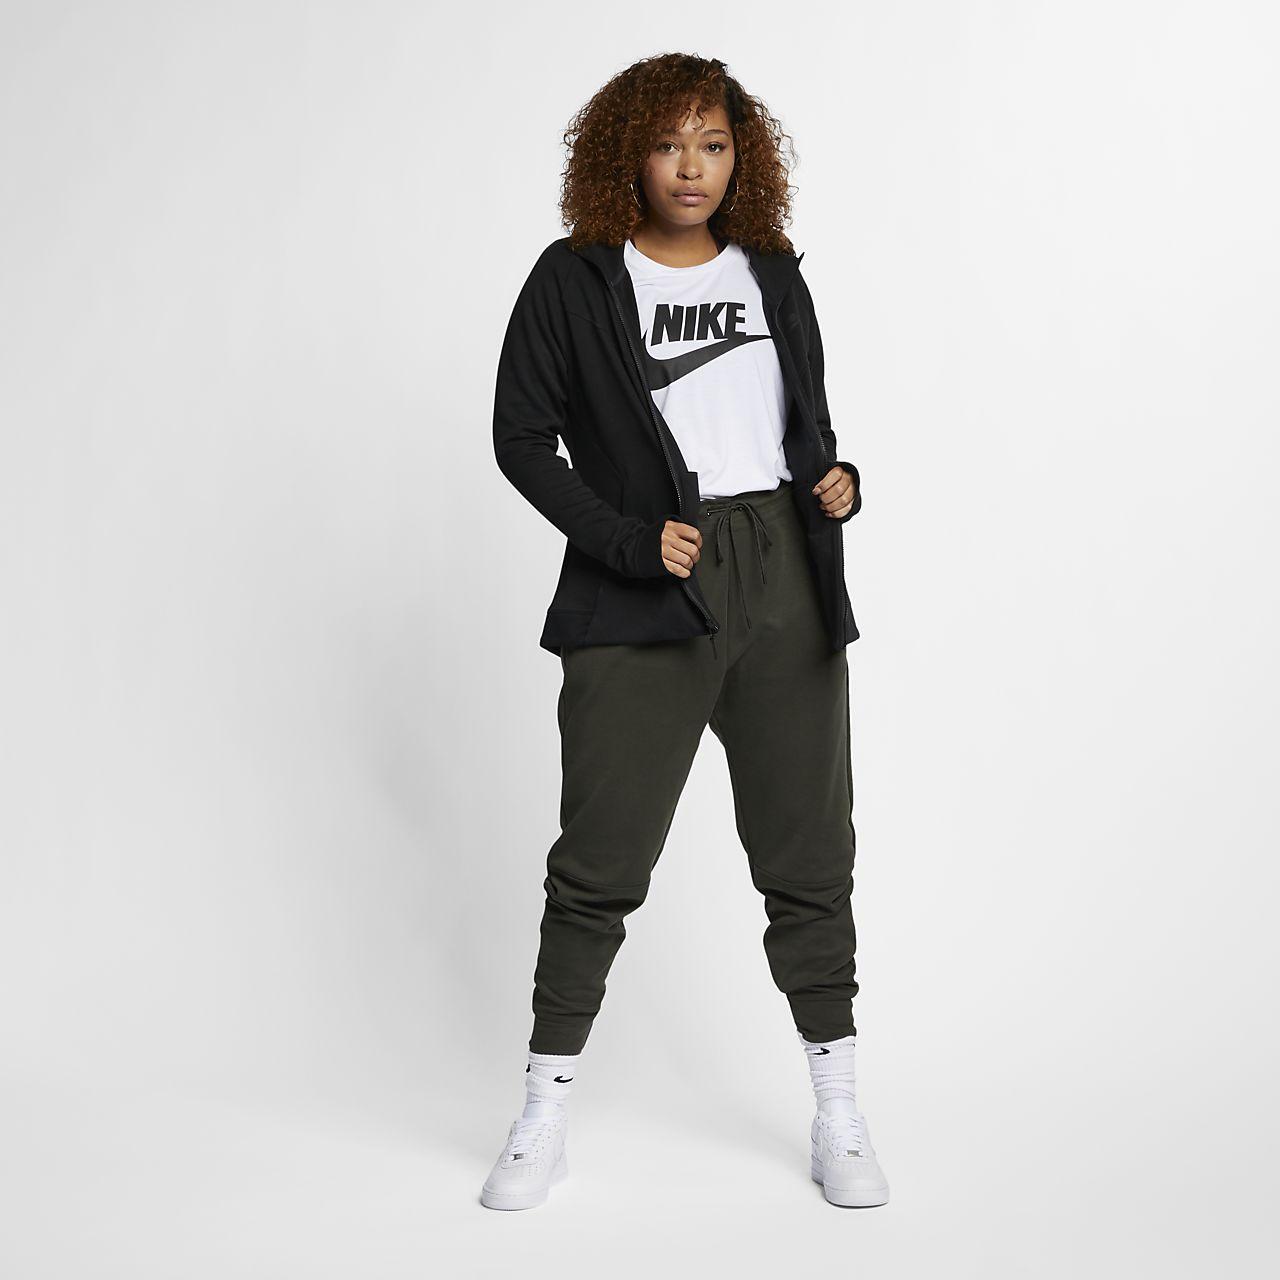 nike sportswear tech fleece plus size women 39 s full zip. Black Bedroom Furniture Sets. Home Design Ideas